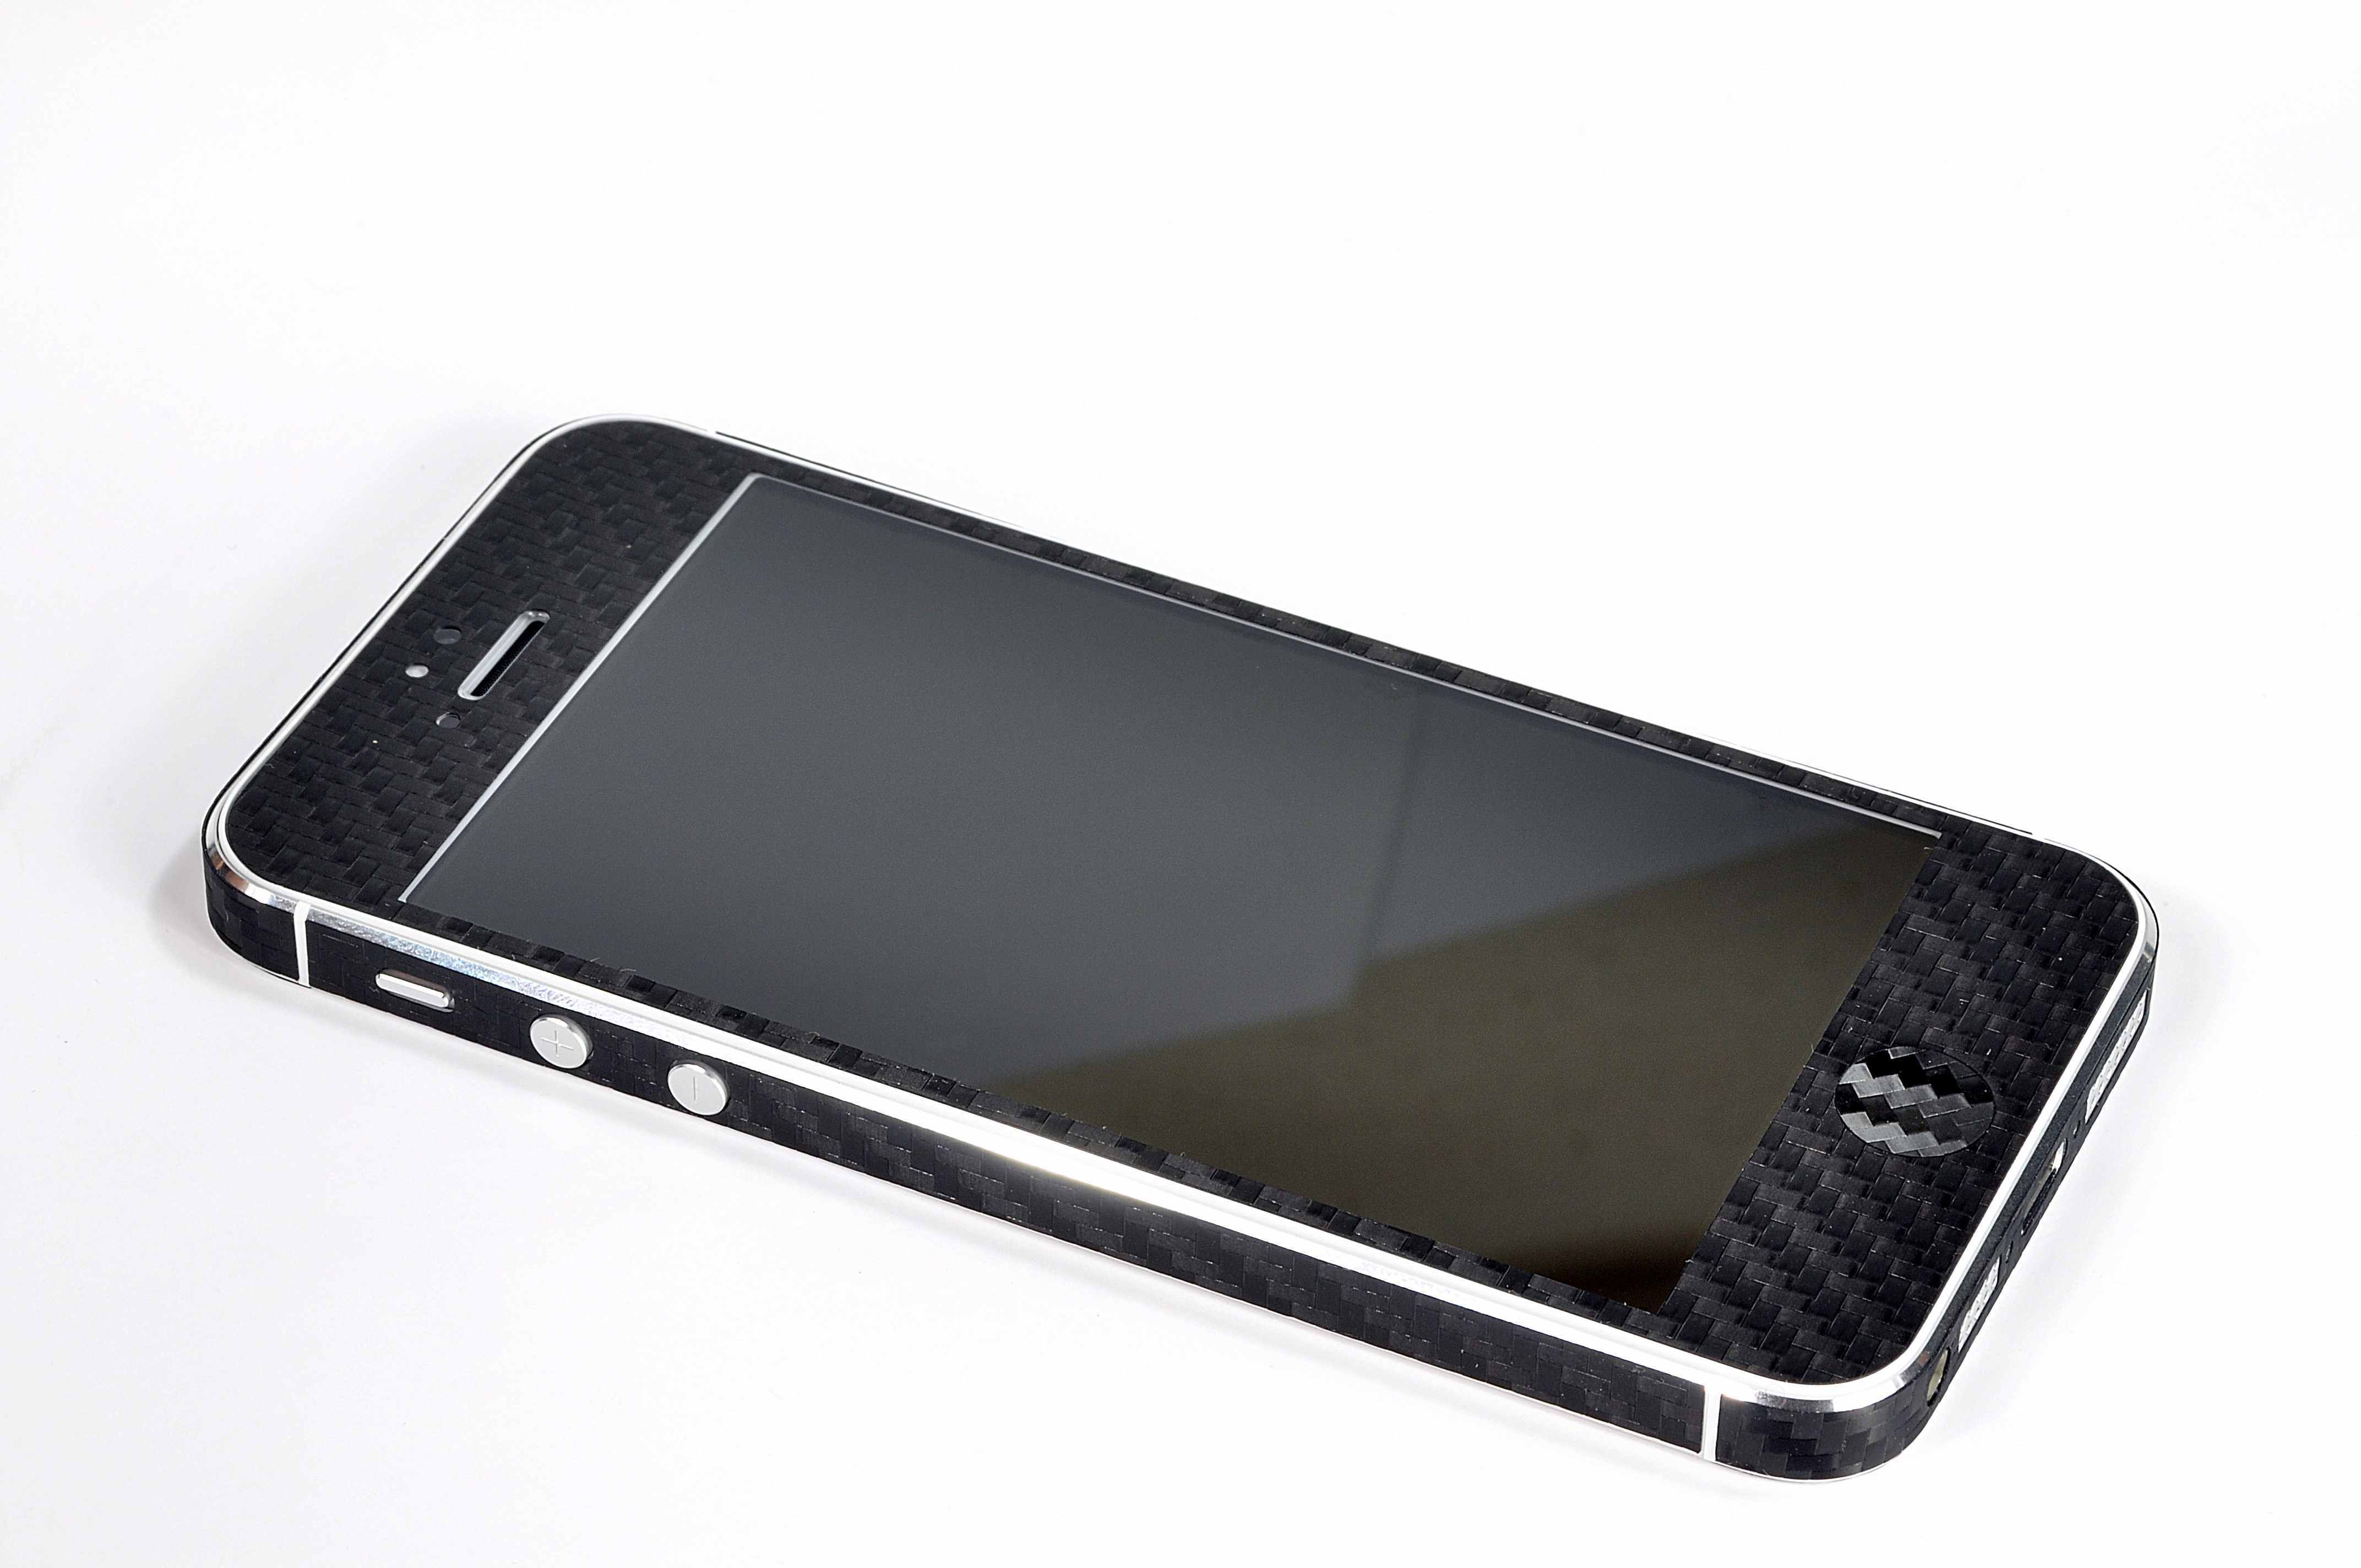 Cambia volto all'iPhone 5: Anycast Solutions presenta la nuova collezione di Skin 4D